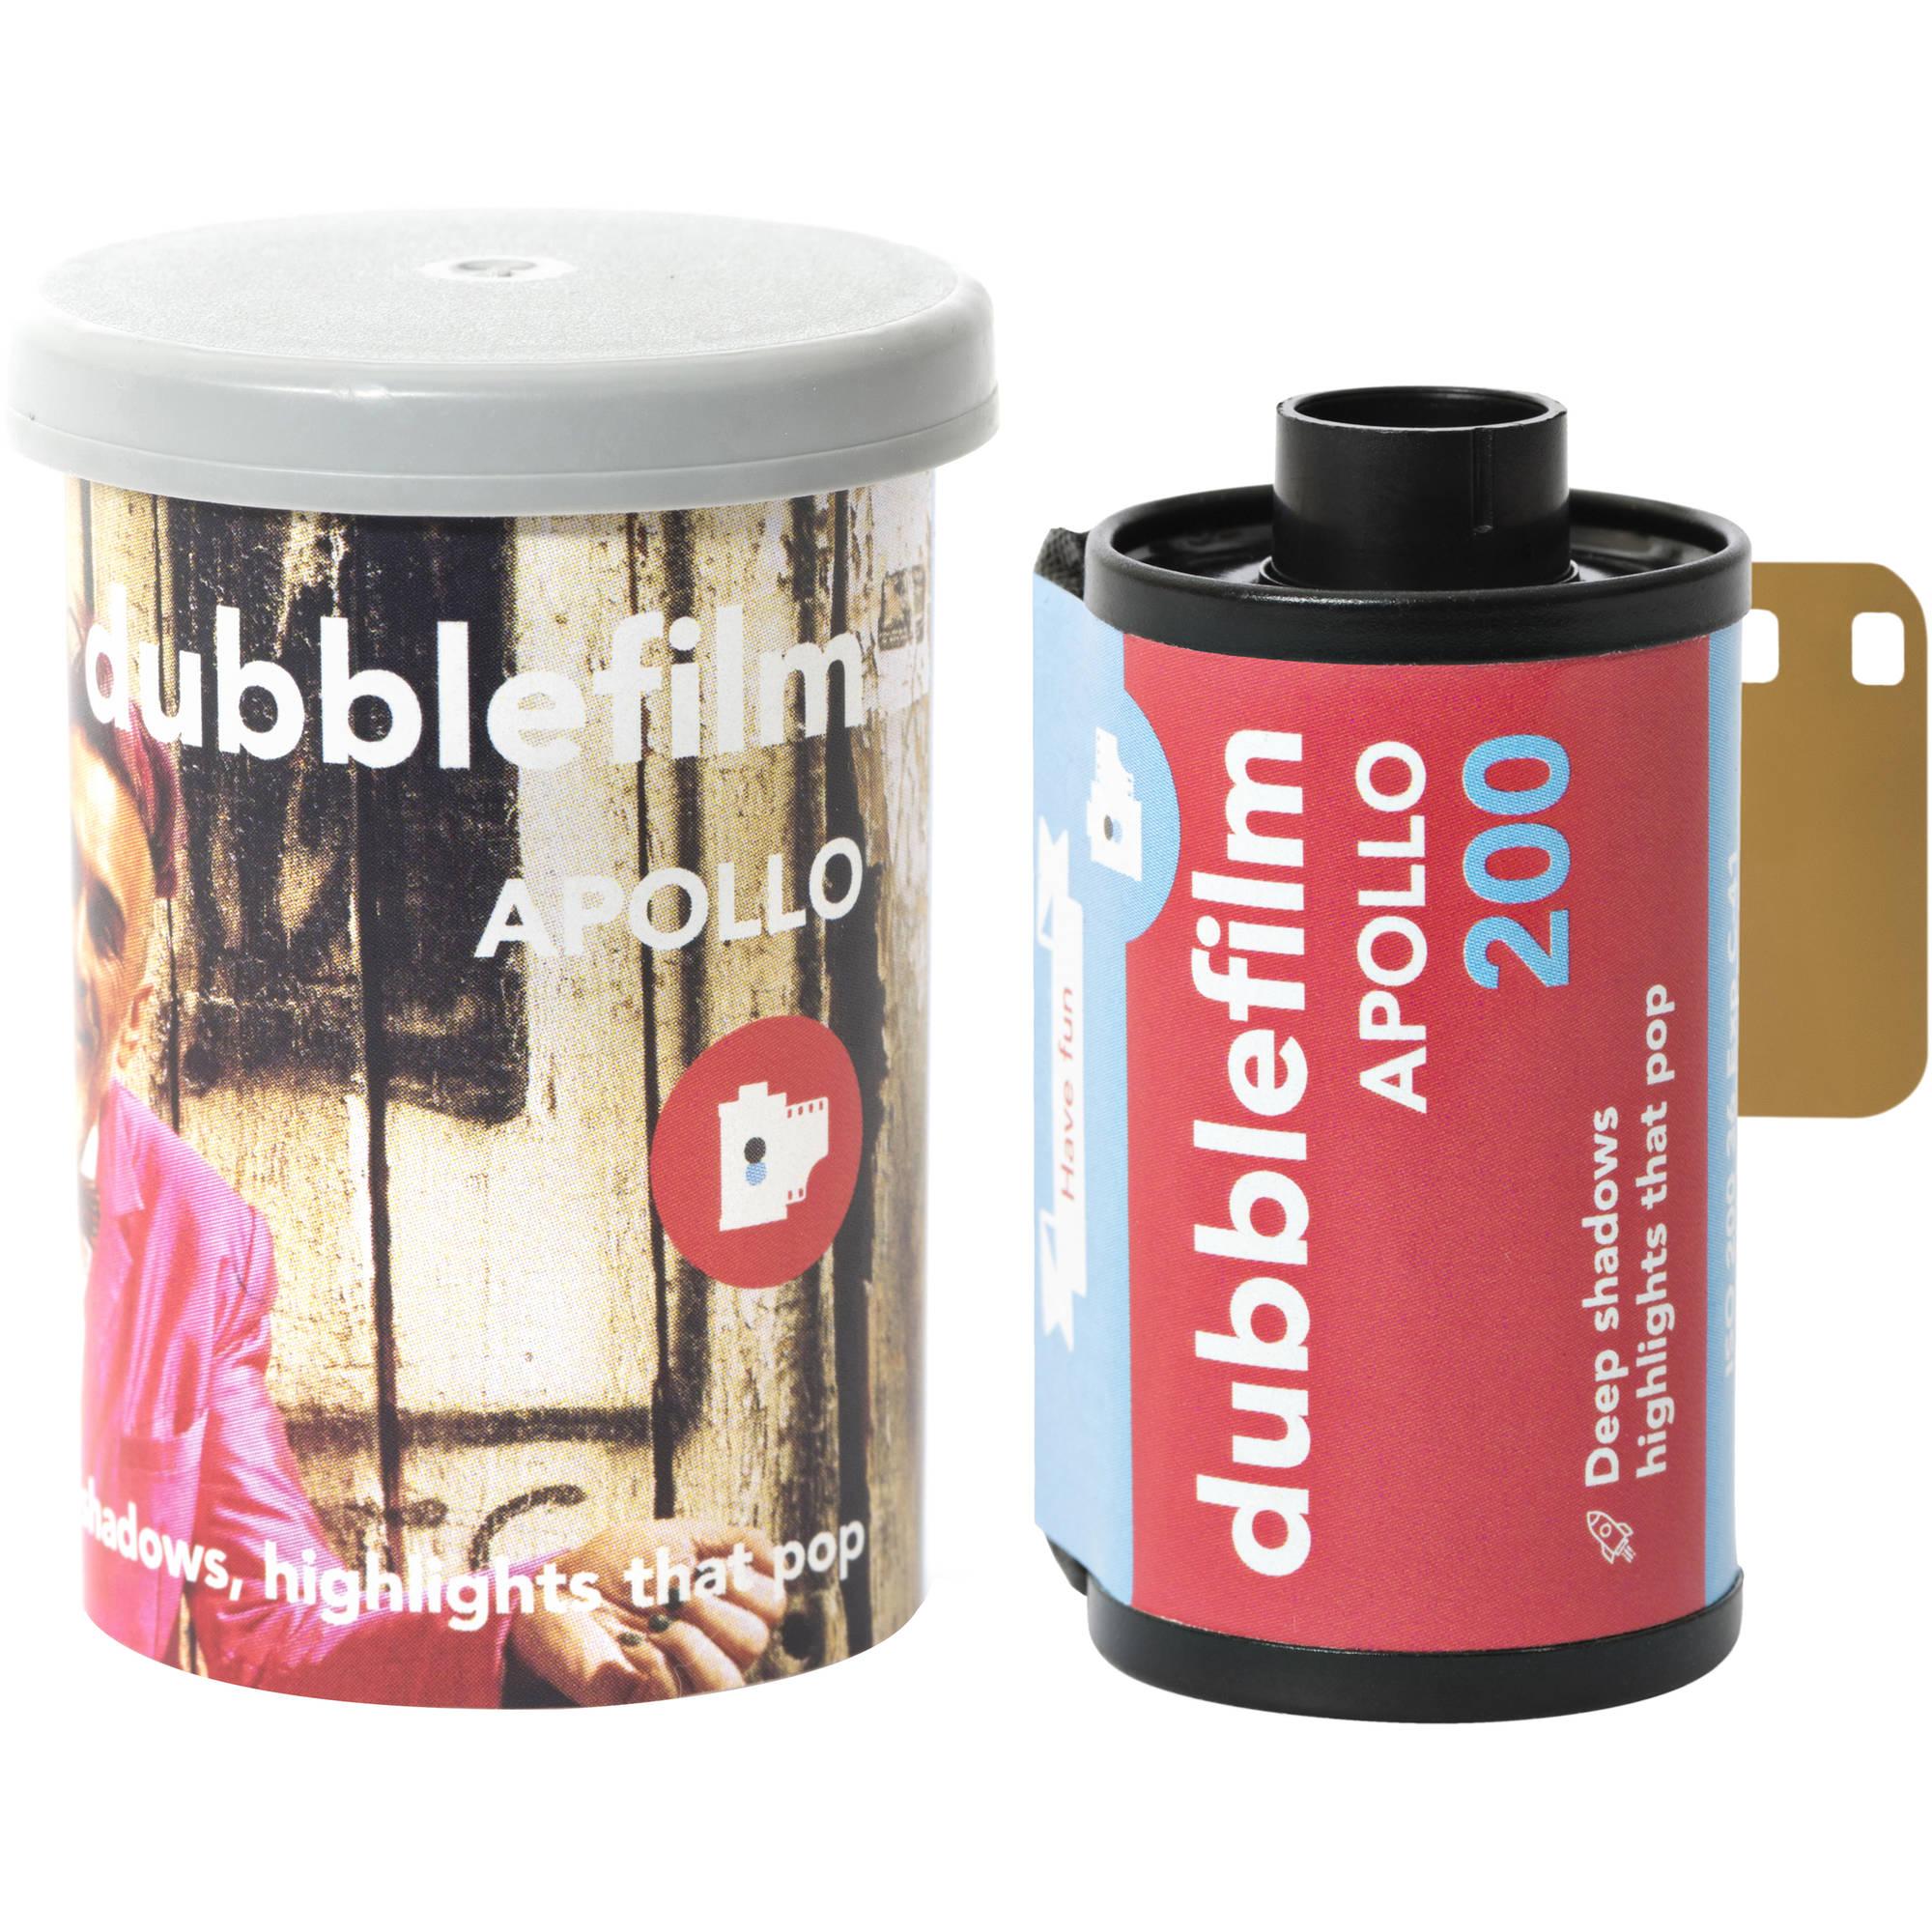 Dubble Film Apollo 200 36 Exp